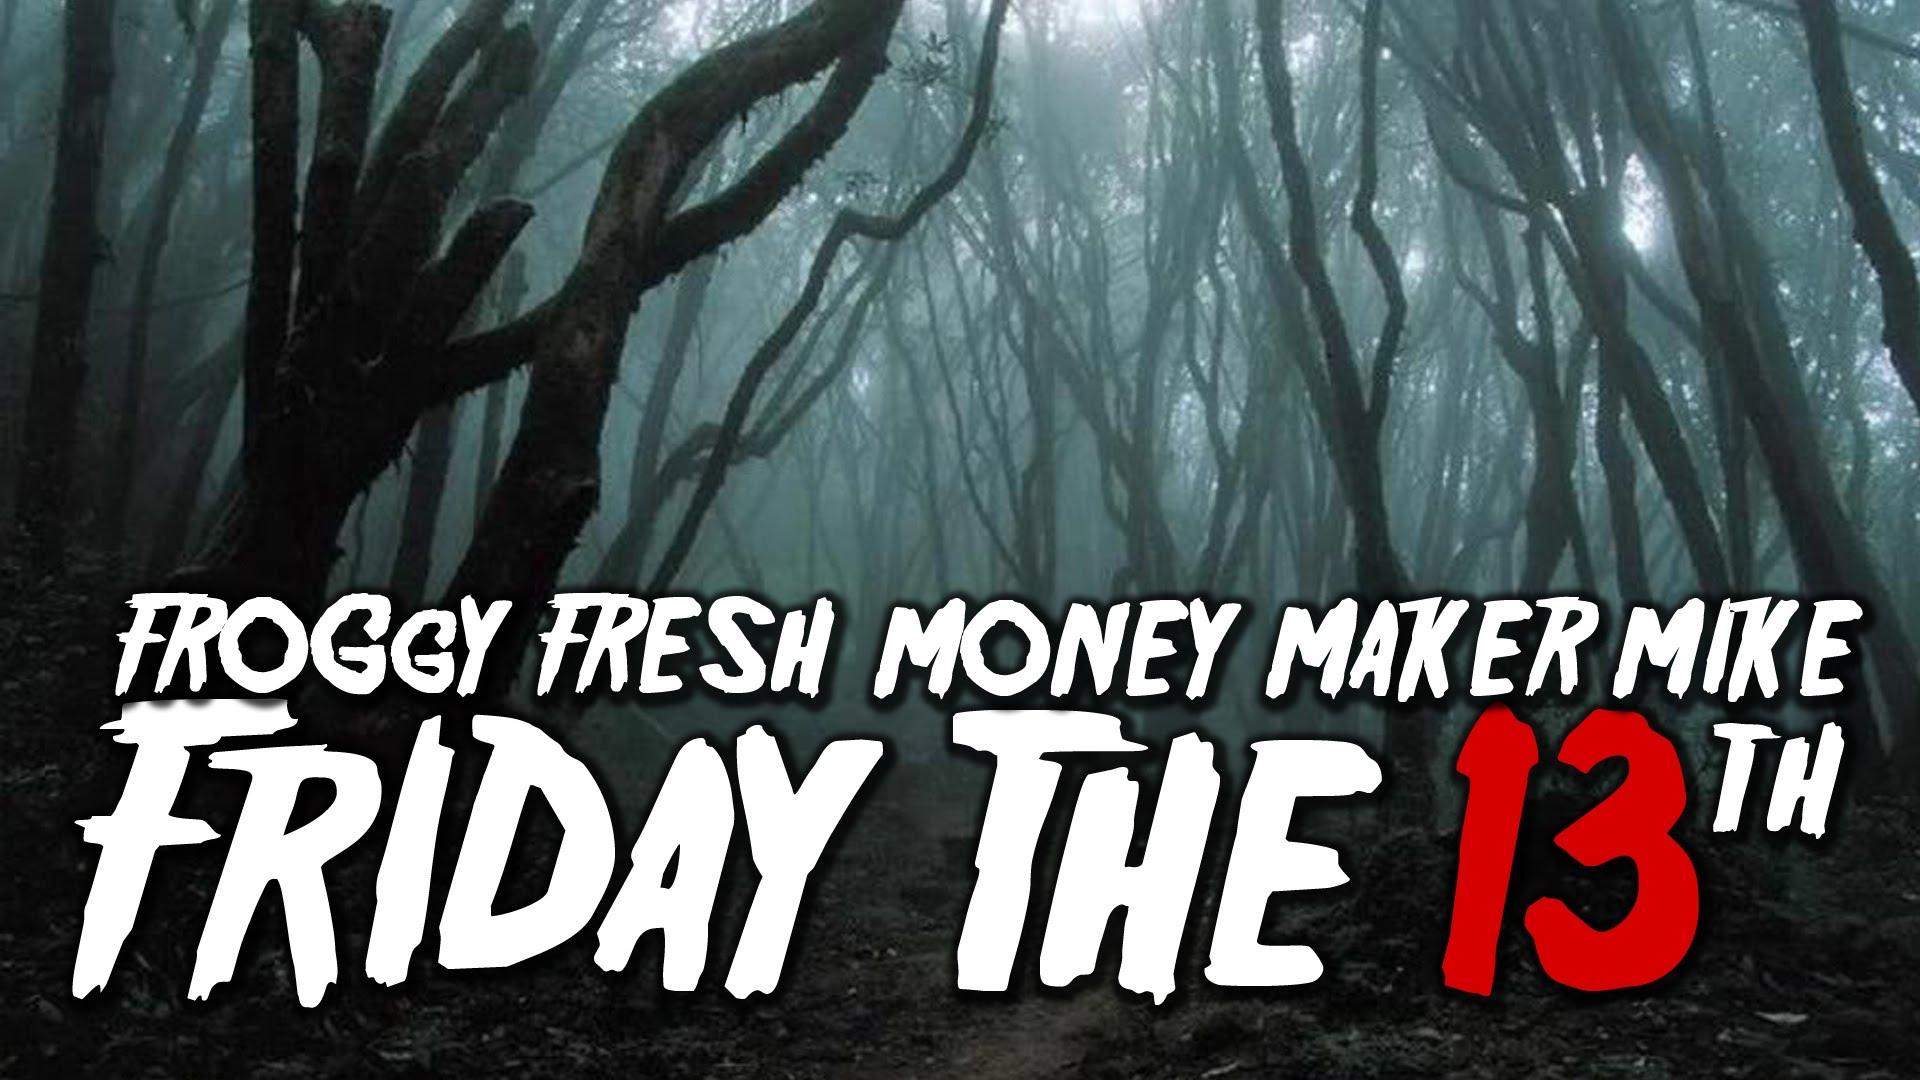 """Im Video zu """"Friday the 13th"""" gehen Froggy Fresh und Money Maker Mike zu Jason Vorhees"""